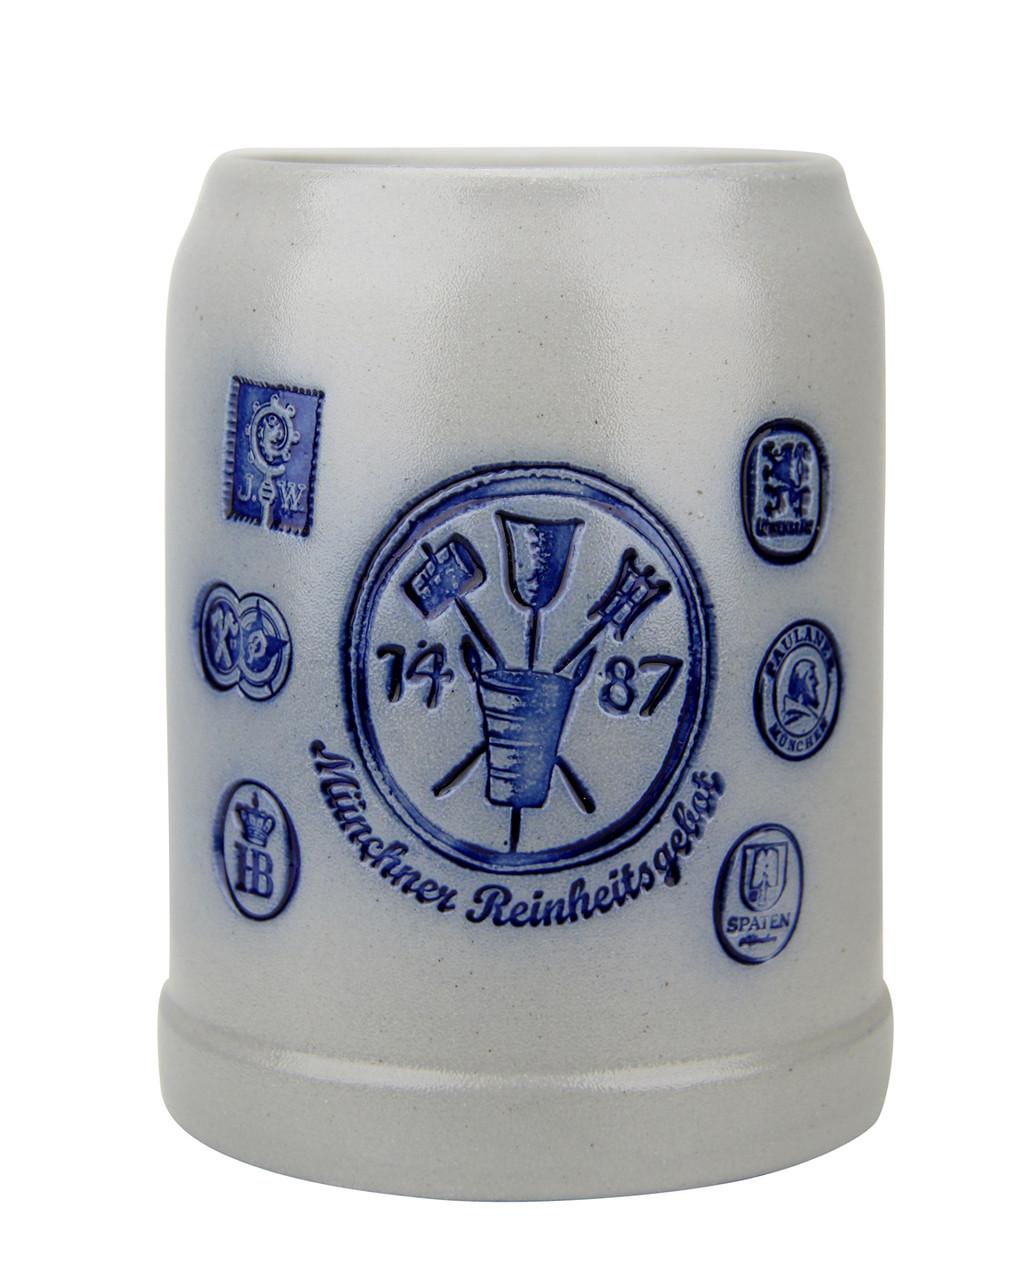 Munich Purity Law 1487 0.5 Liter Salt Glaze Stoneware Beer Mug